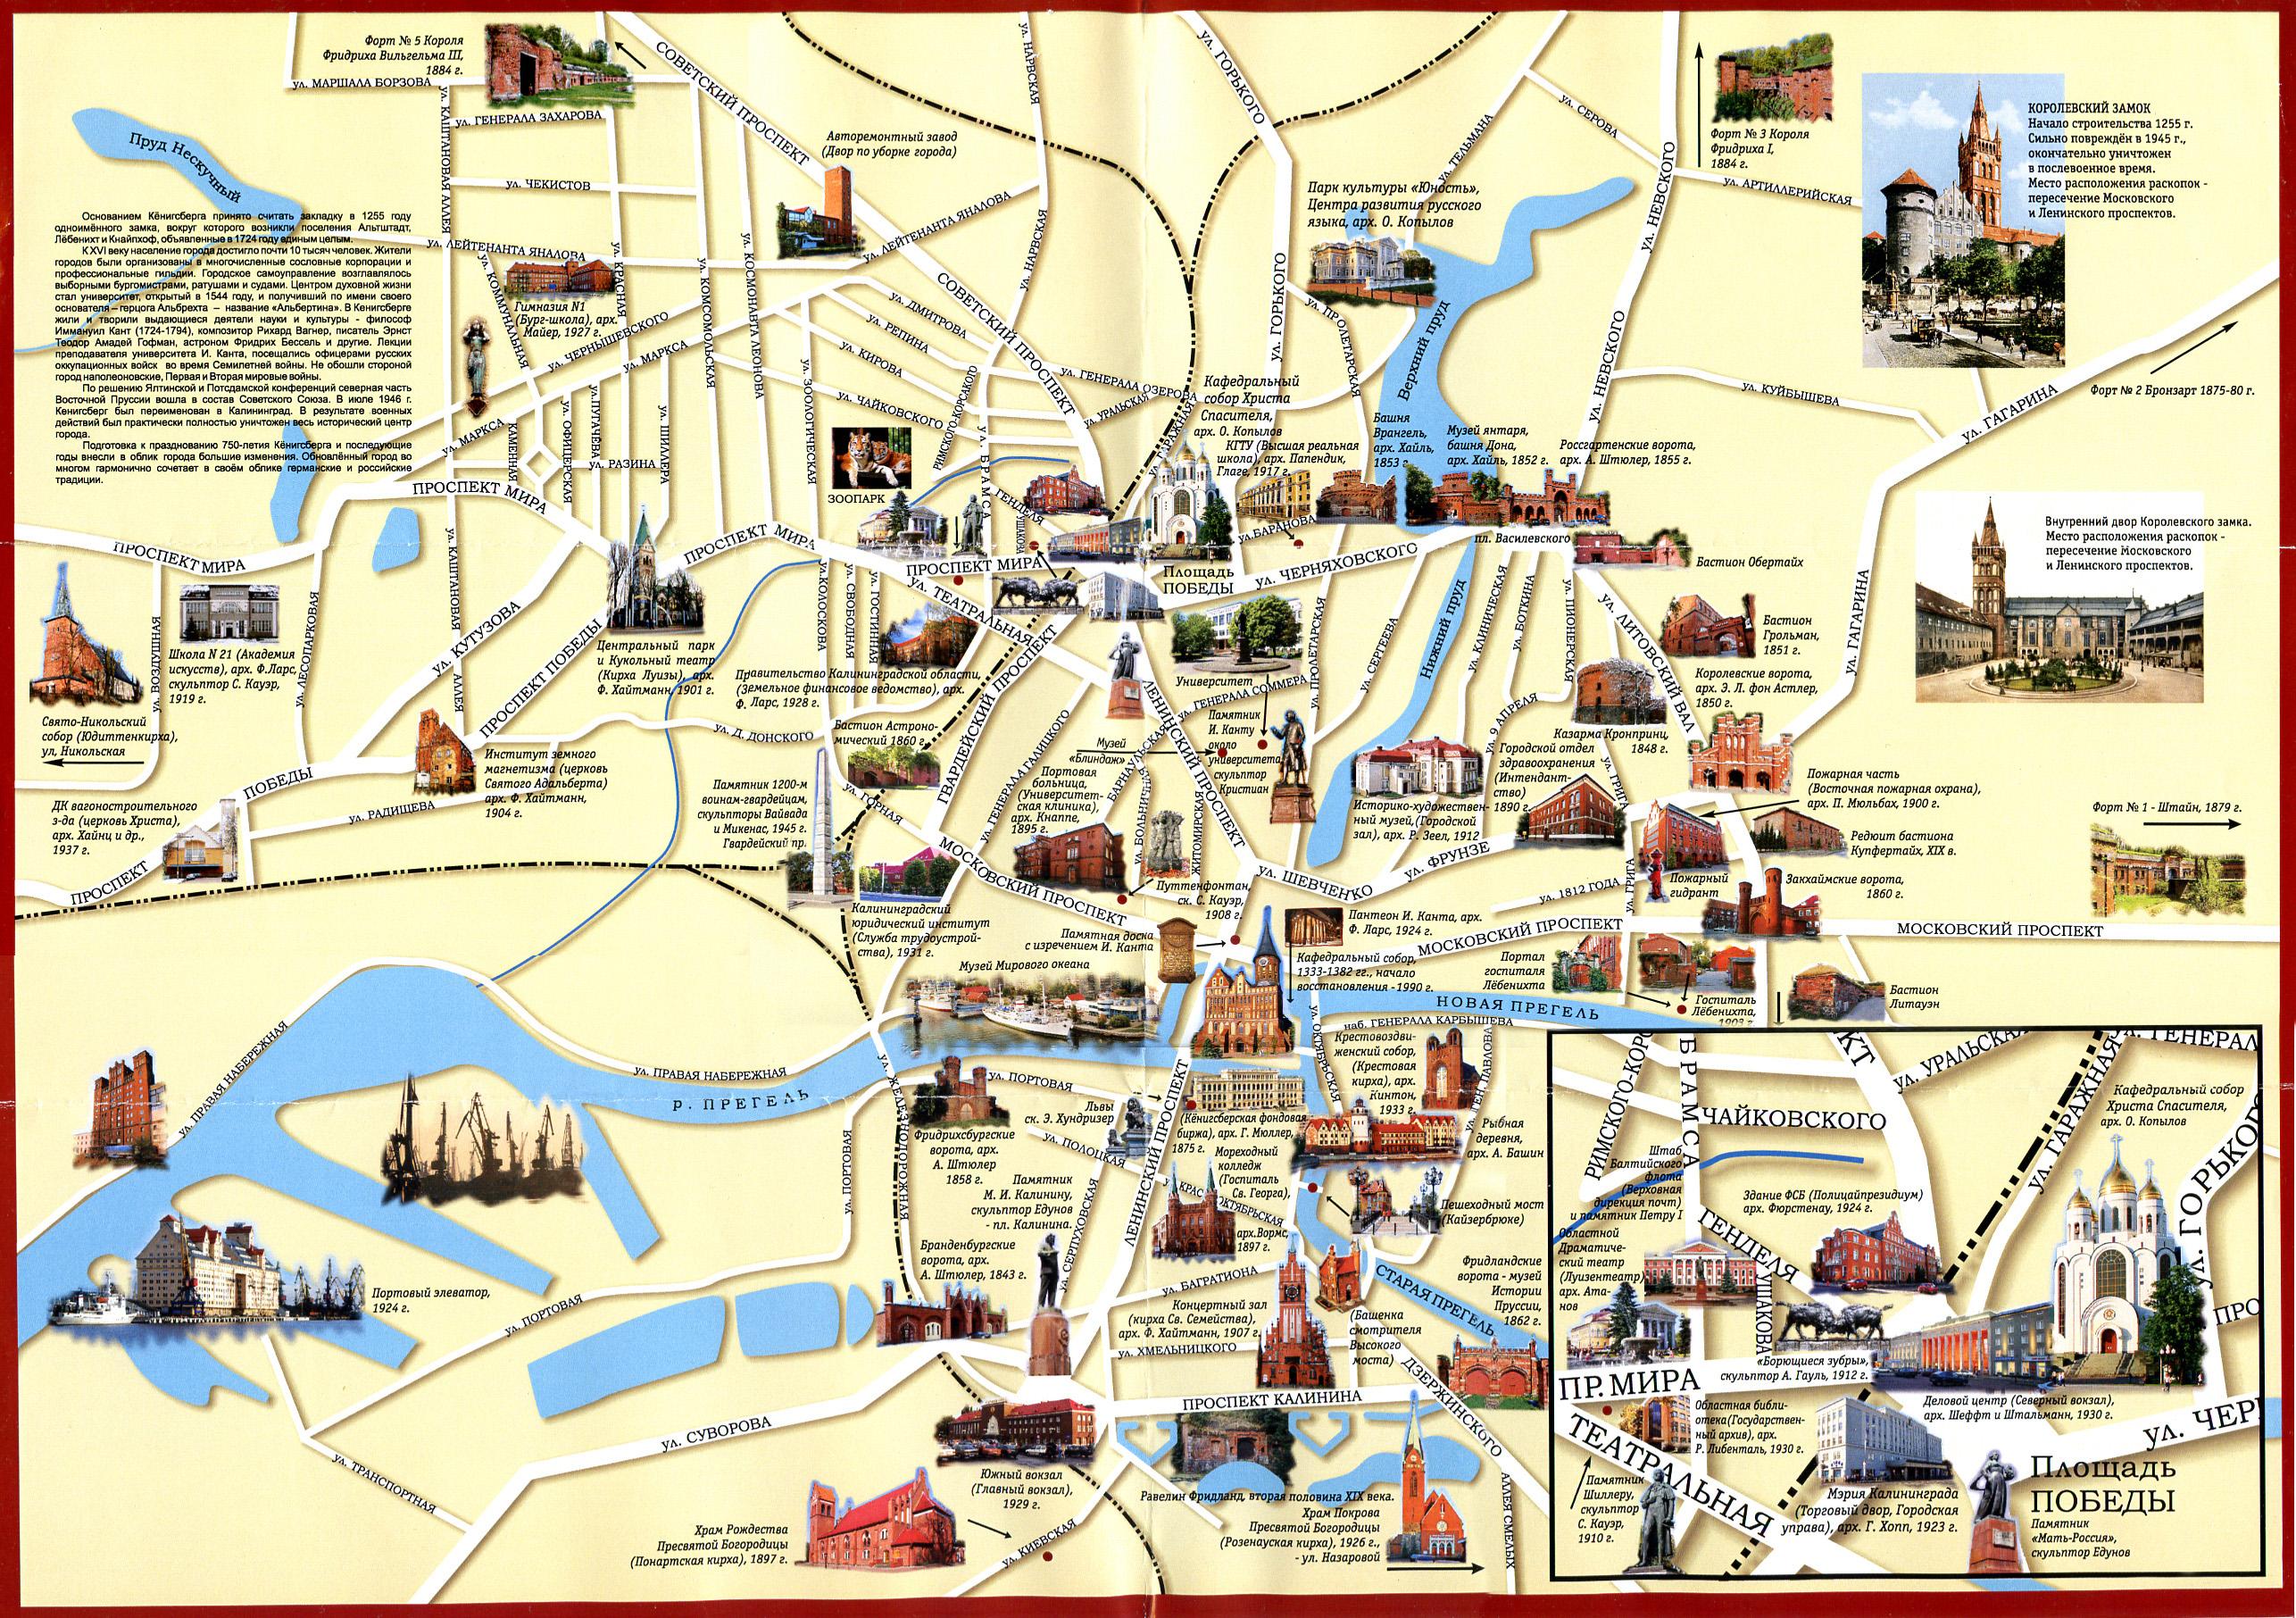 Дляпрогулок по Калининграду мы пользовались вот такой картой. Фото: сайт ayda.ru